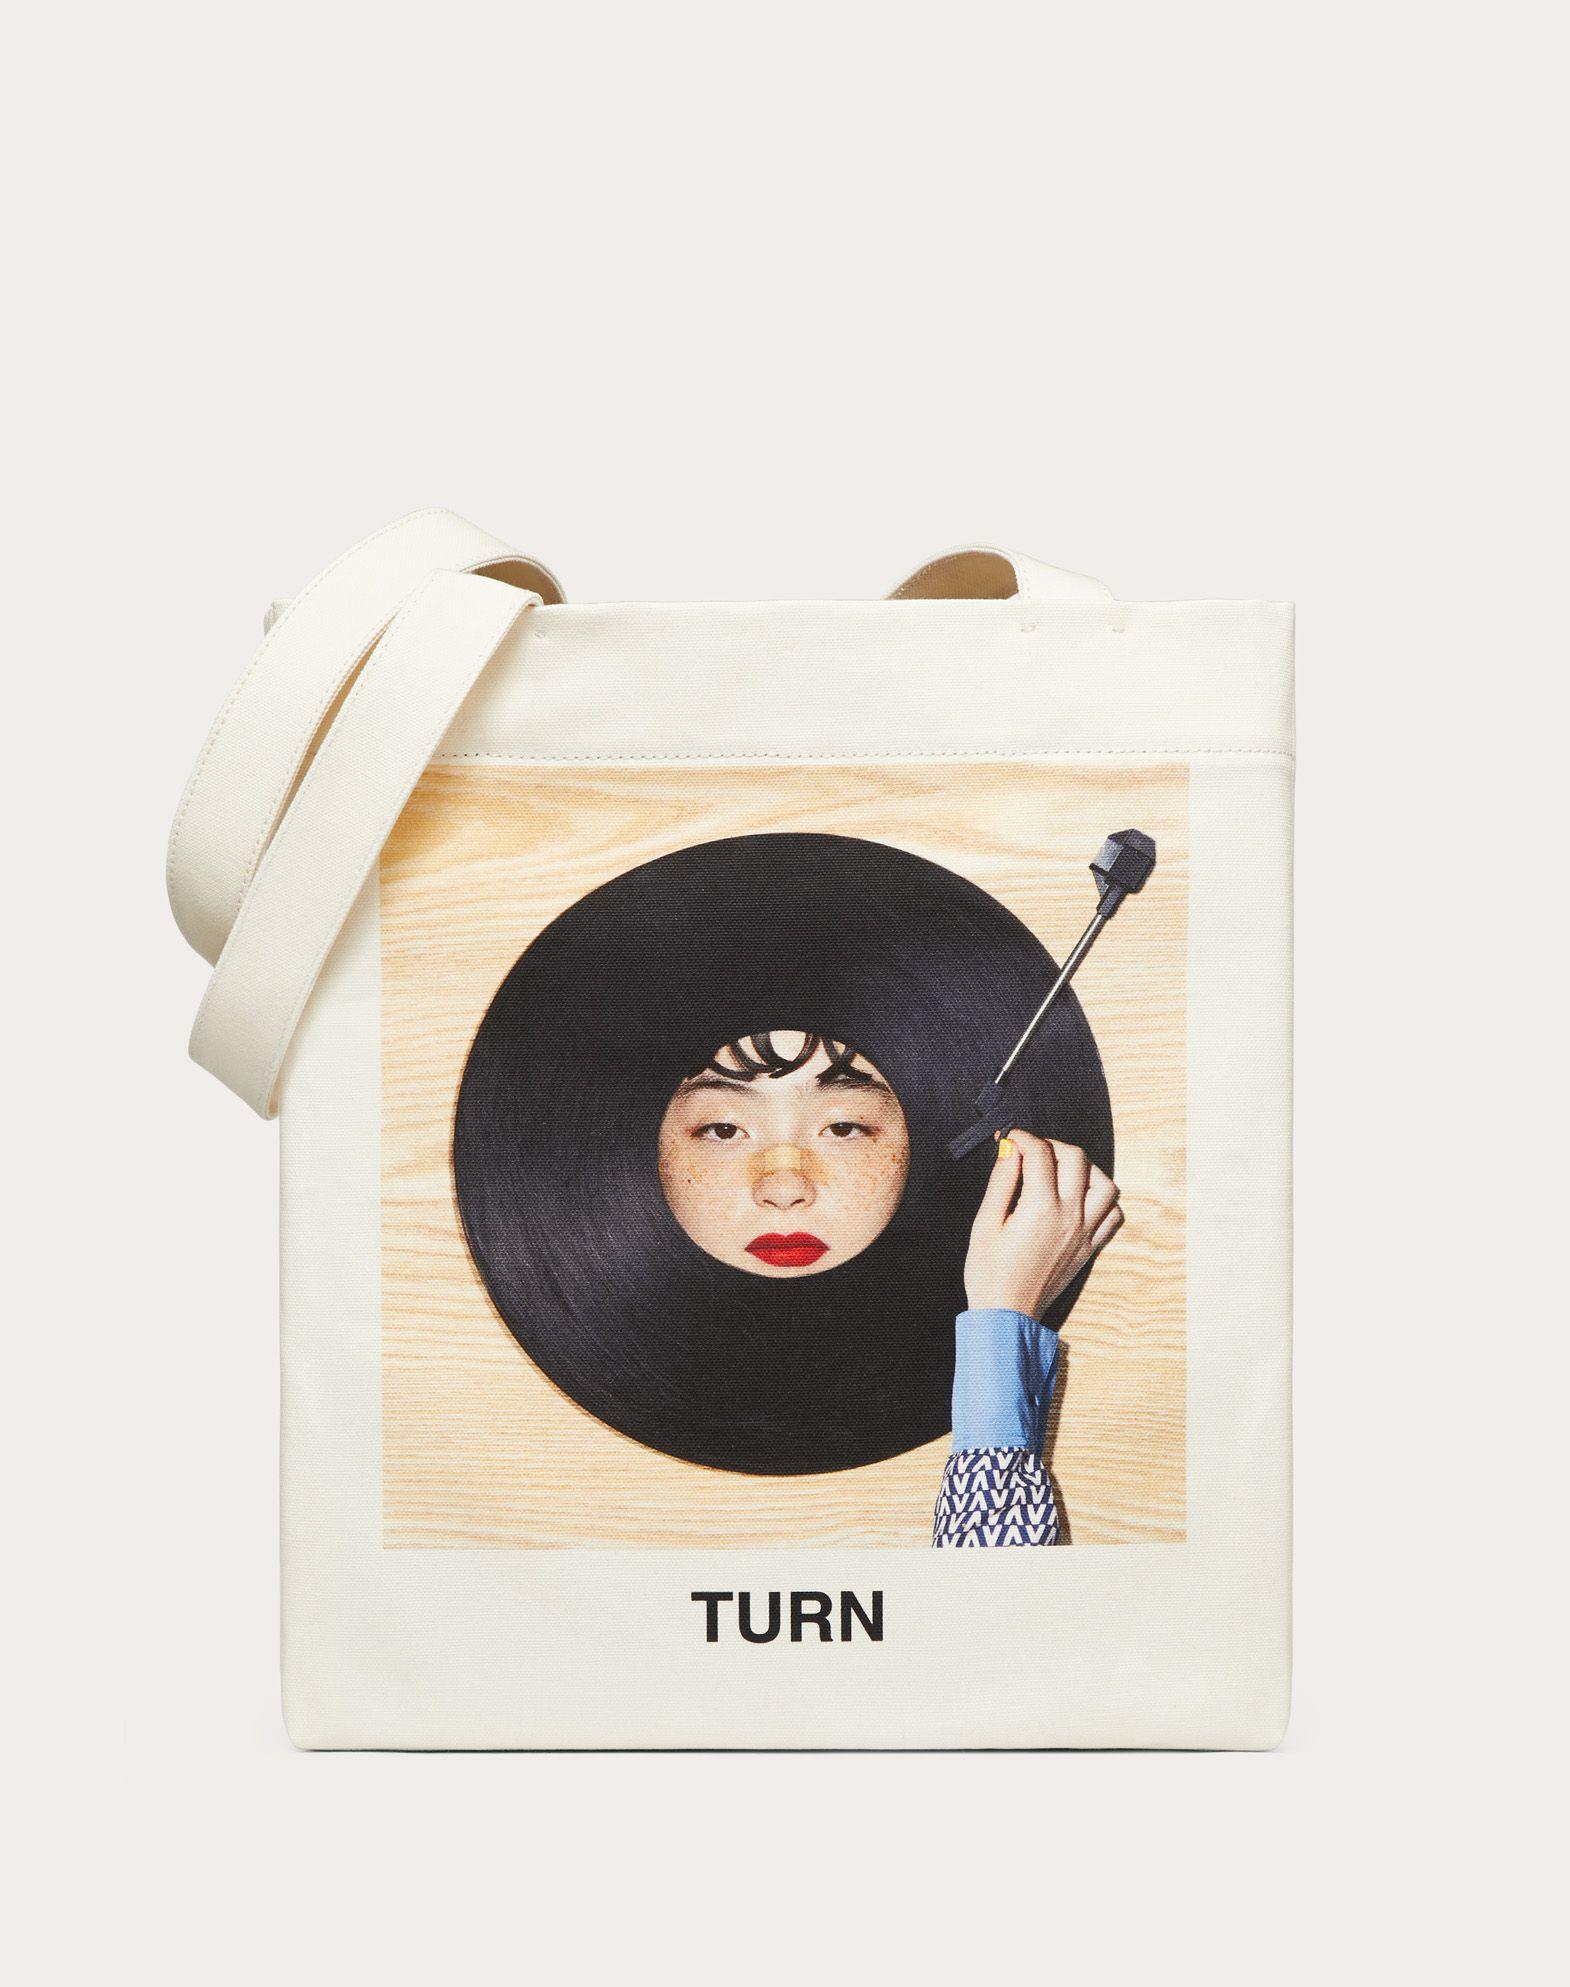 Сумка-шоппер с принтом Turn, совместный проект с Идзуми Миядзаки